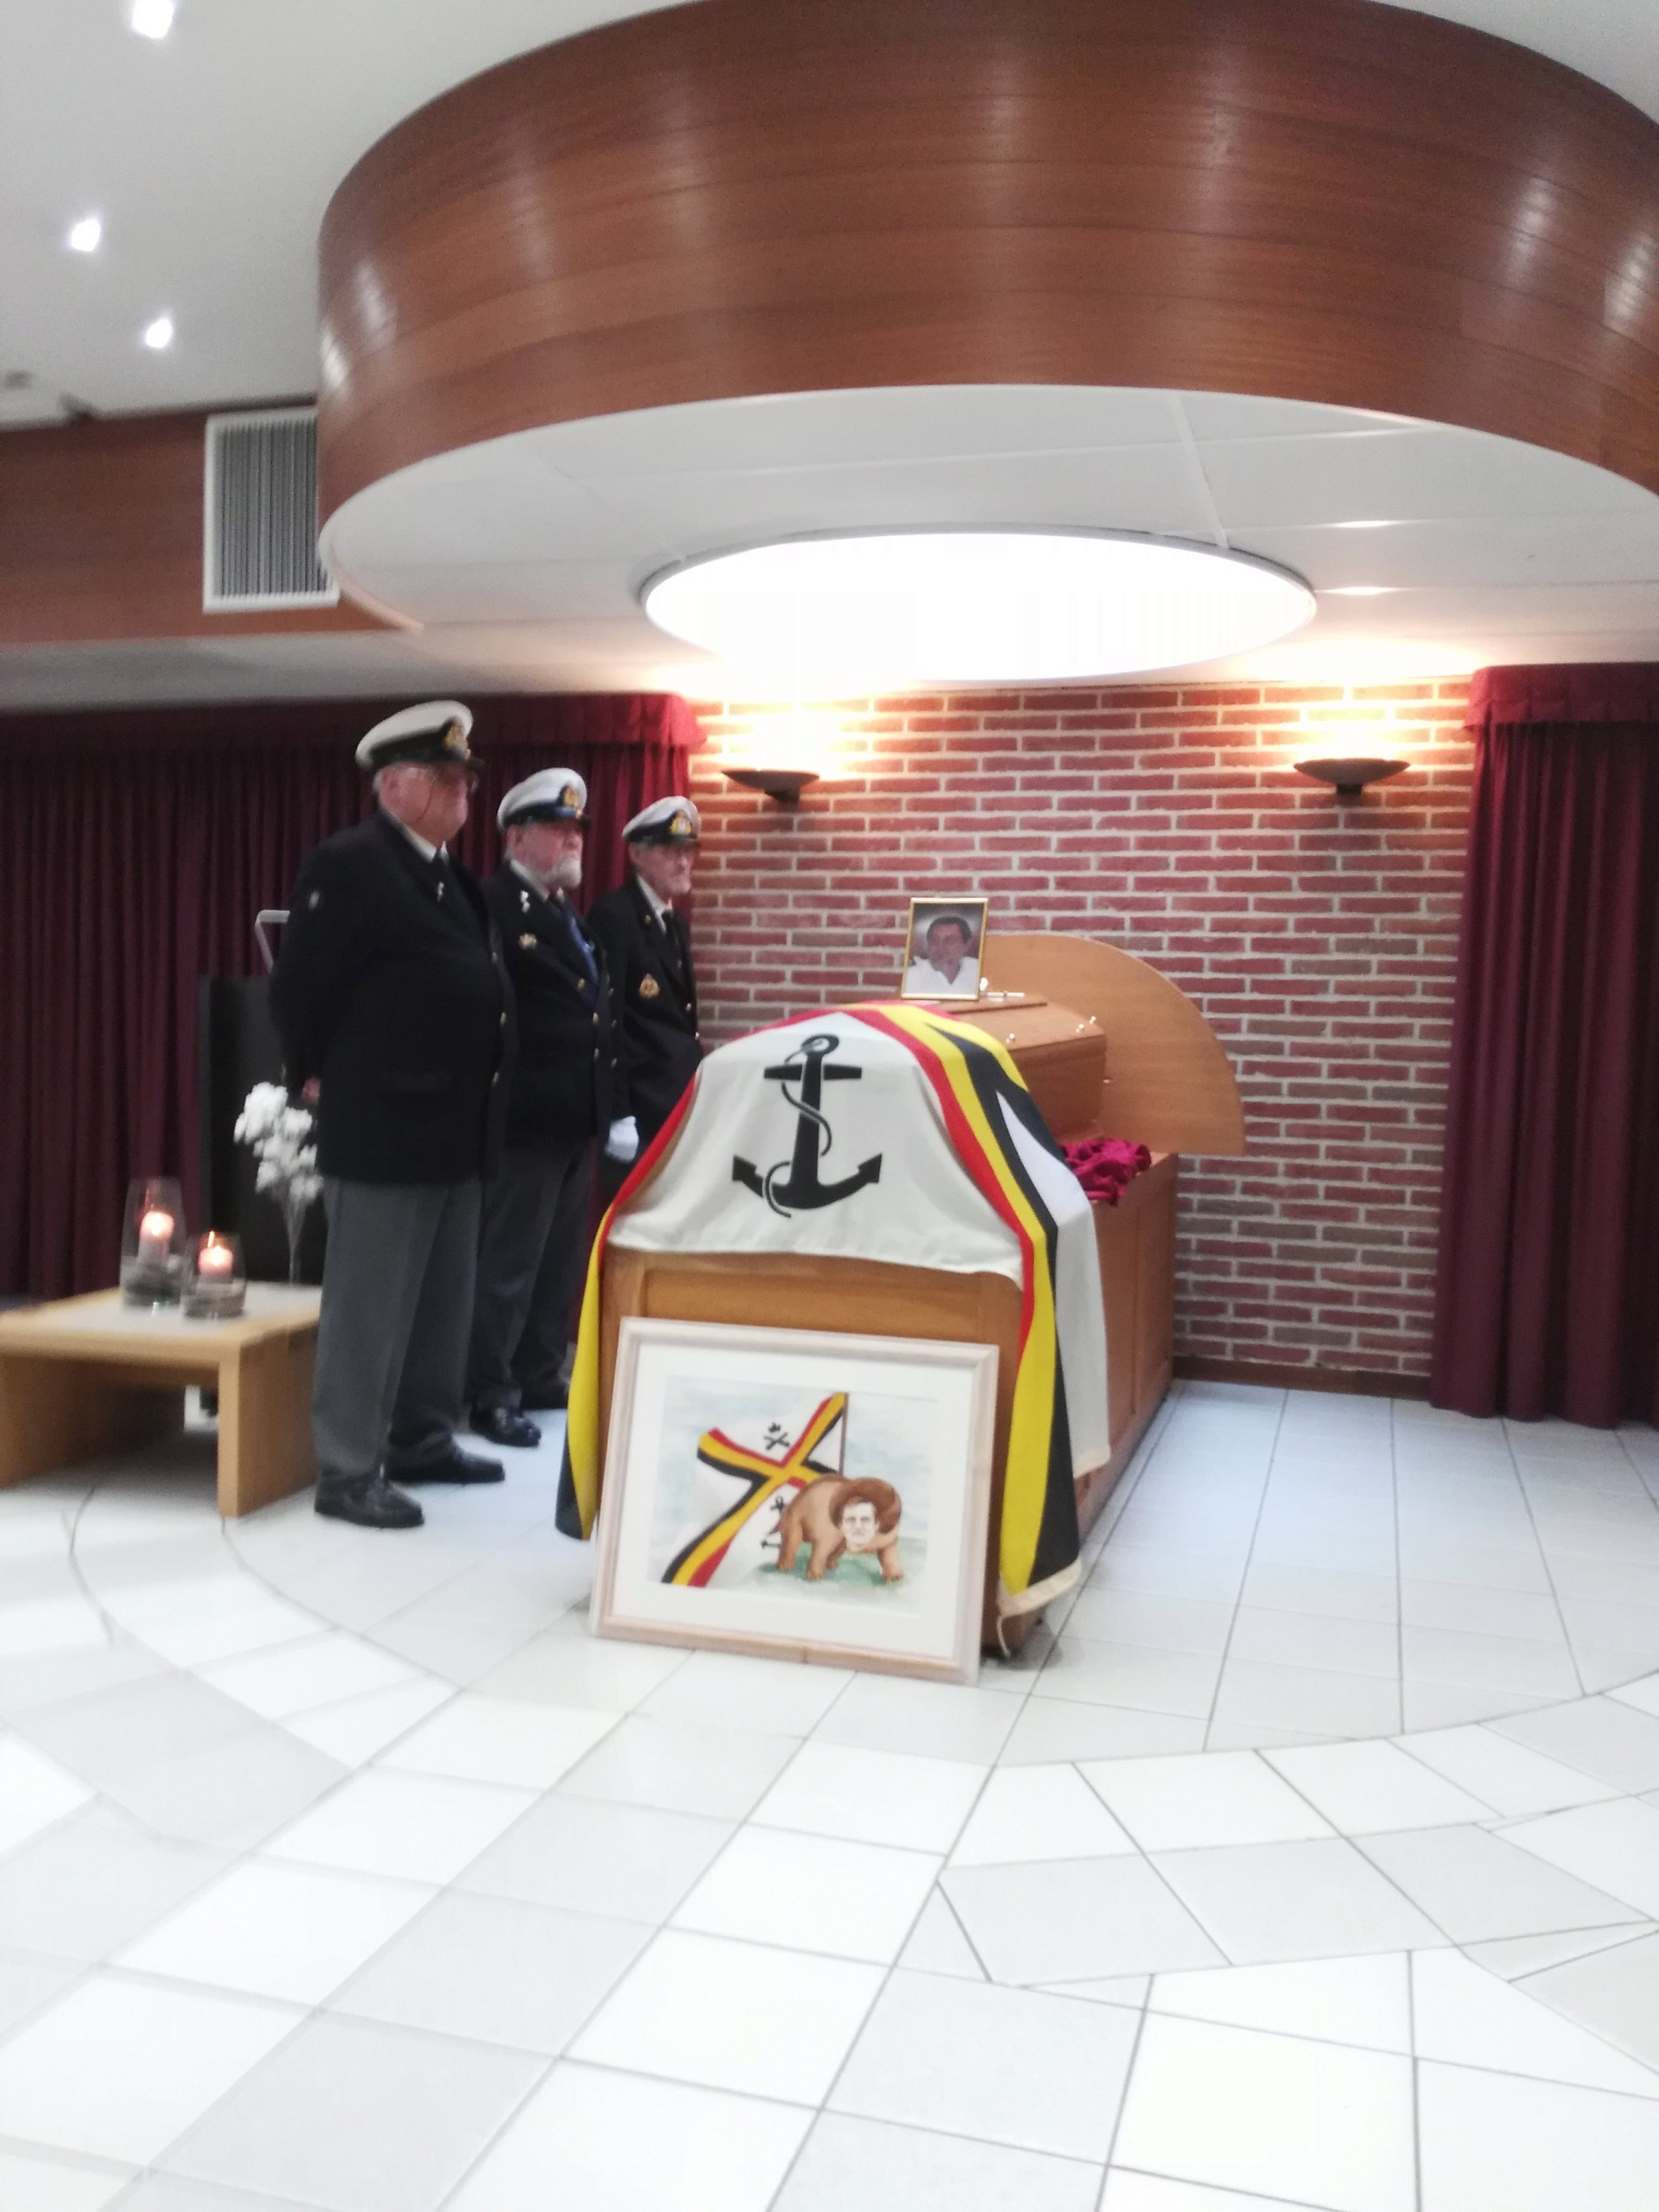 Les funerailles de Stan à Mons le vendredi 8 mars à 15h30 - Page 2 Img_2012